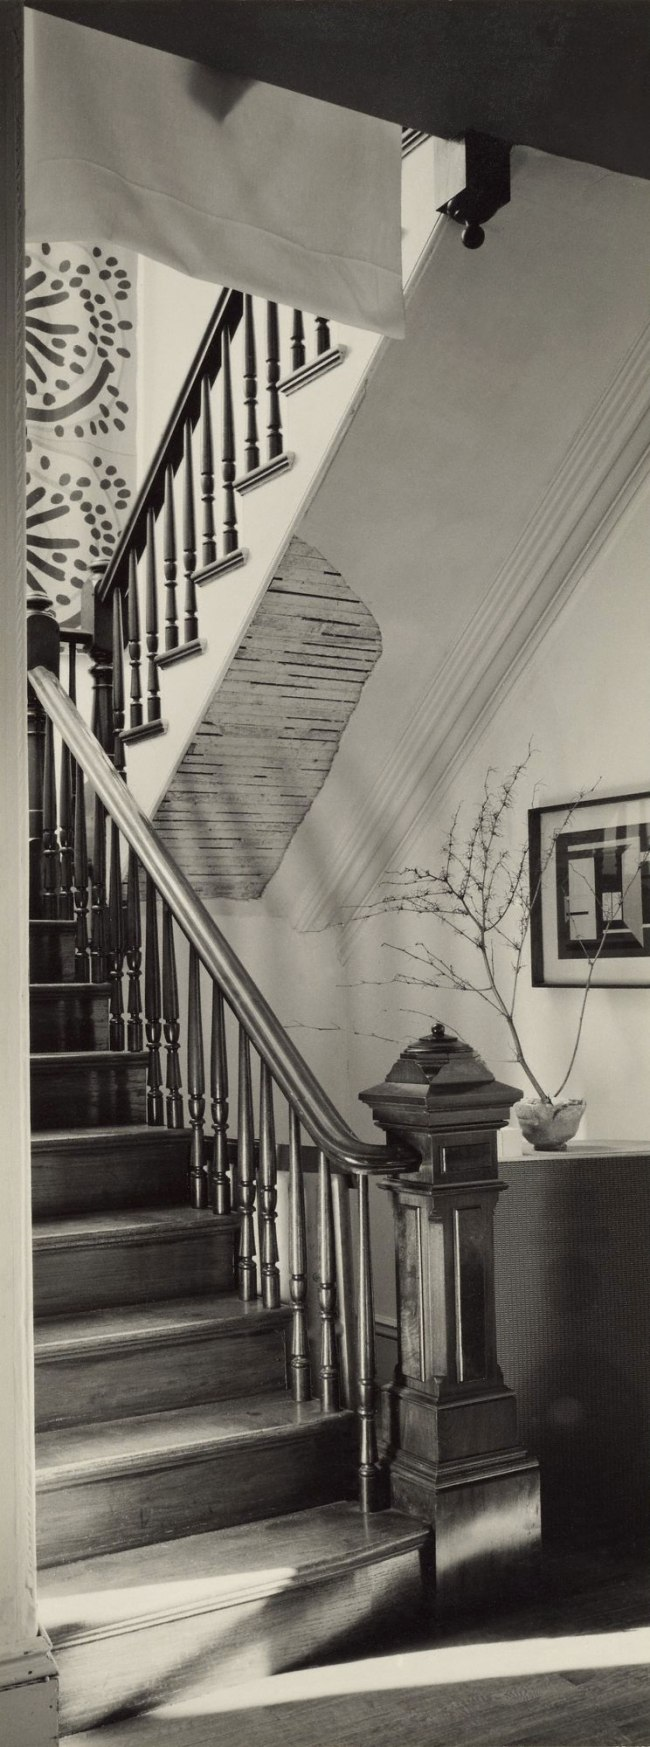 Minor White. '203 Park Ave., Arlington, Massachusetts' 1966